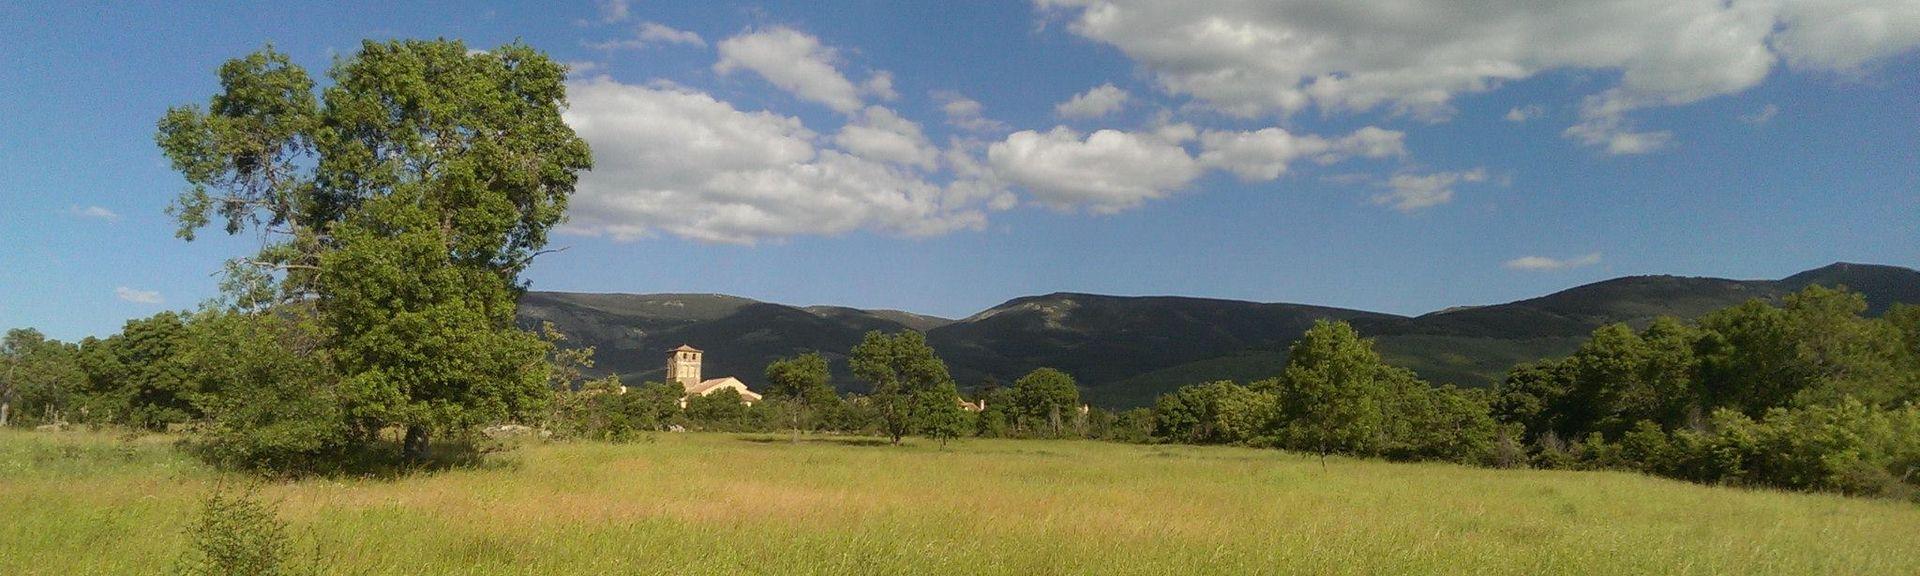 Torre Val de San Pedro, Castilla y León, España